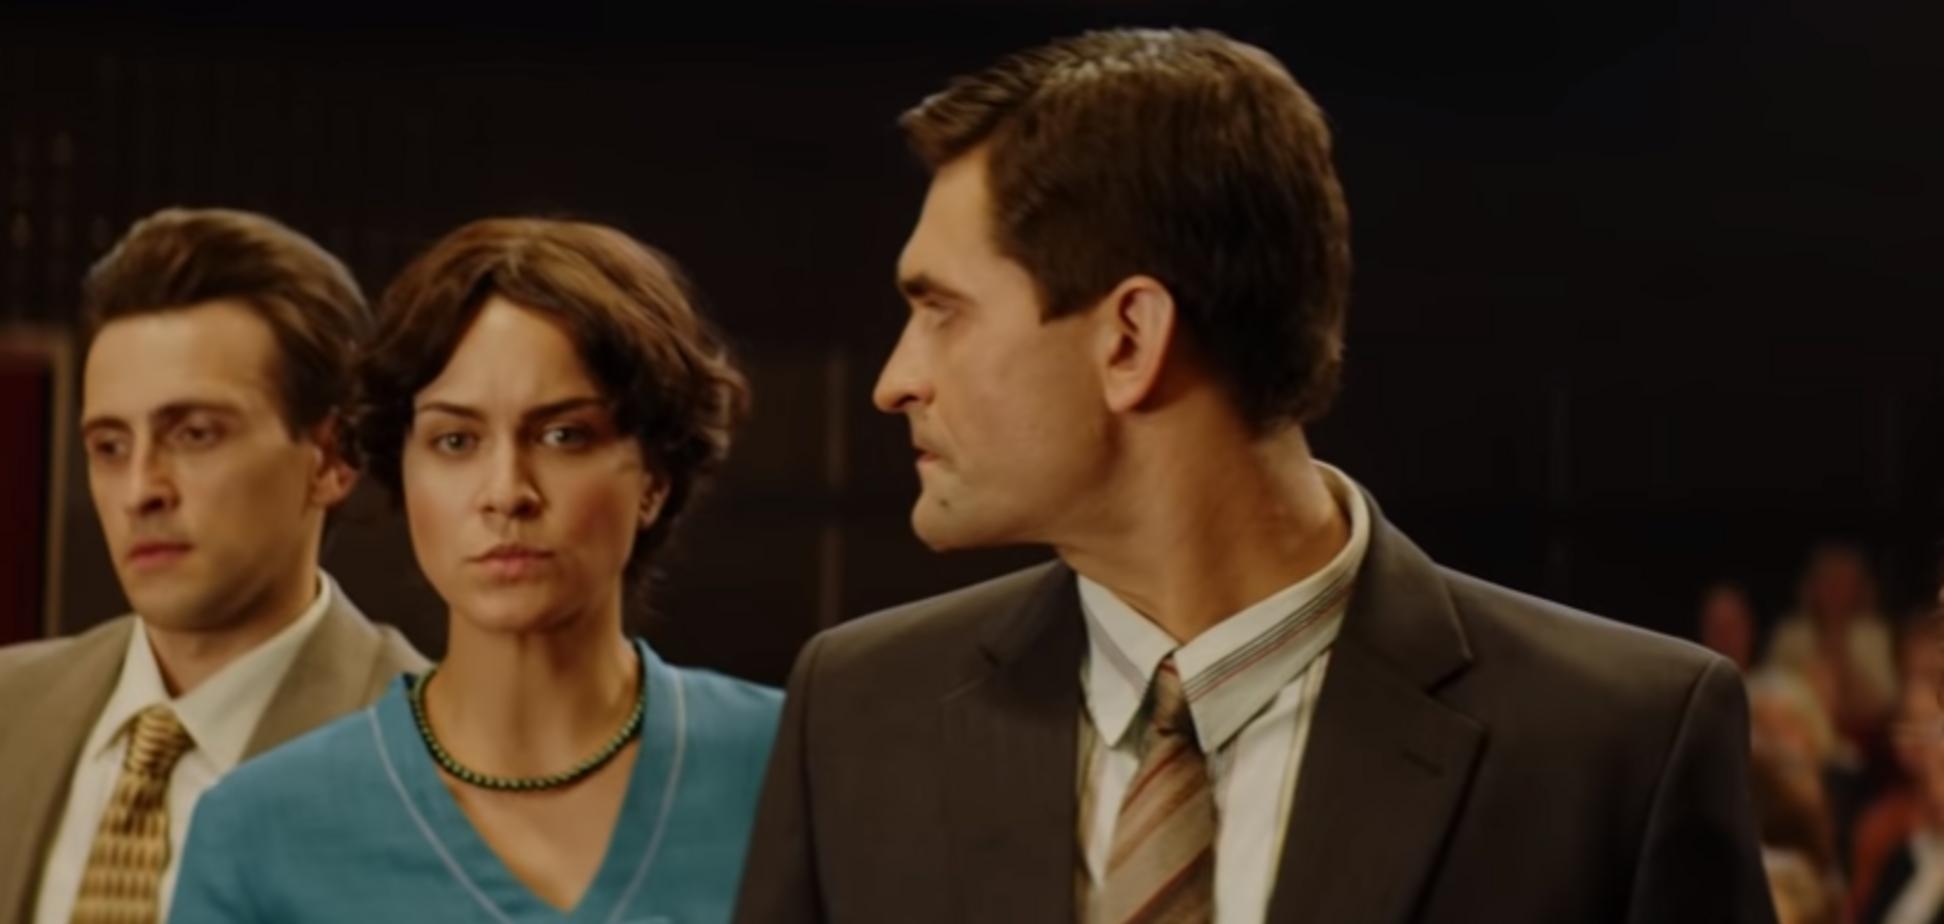 З'явився трейлер скандального фільму про Стуса: названо дату виходу